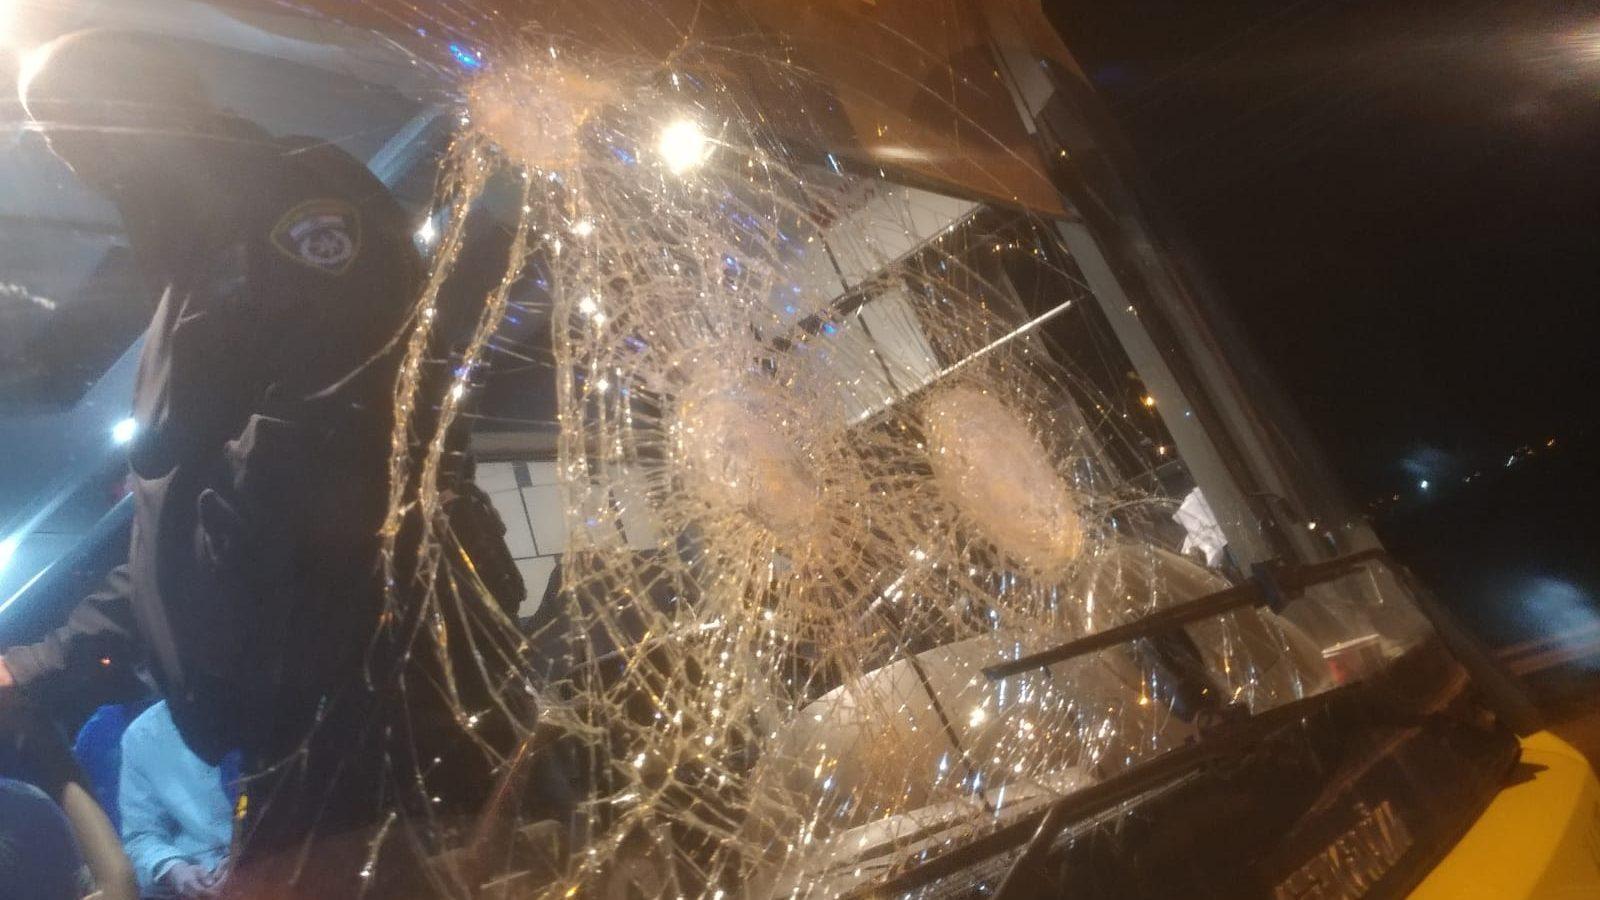 הטרור חוגג: נהג אוטובוס נפגע בראשו לאחר שהותקף באבנים ובלם בפתאומיות